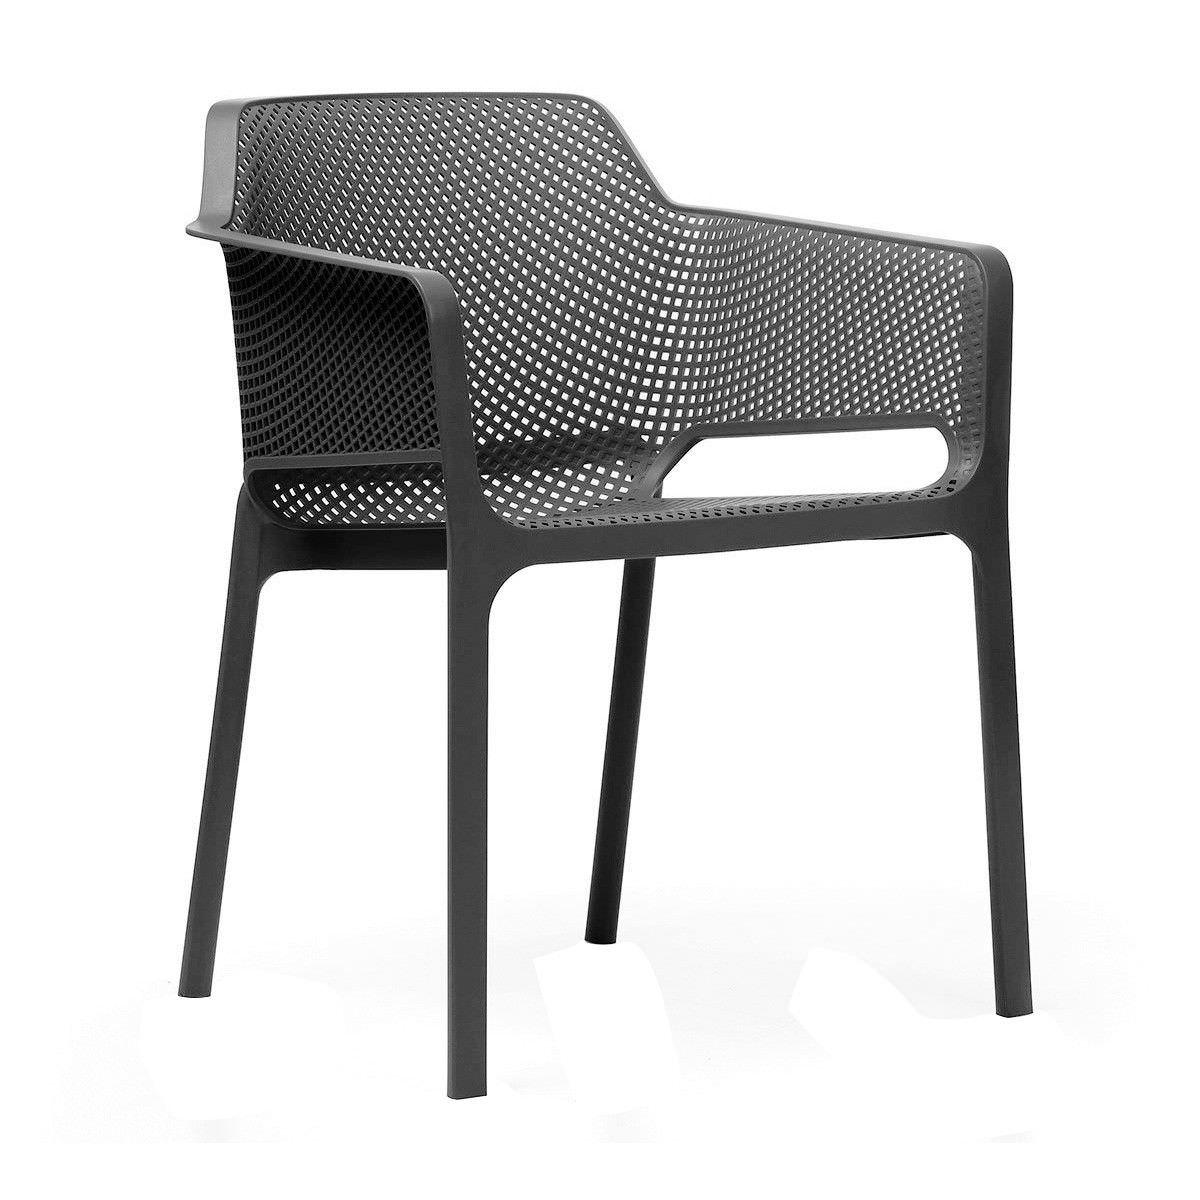 Net Italian Made Commercial Grade Stackable Indoor/Outdoor Armchair - Anthracite